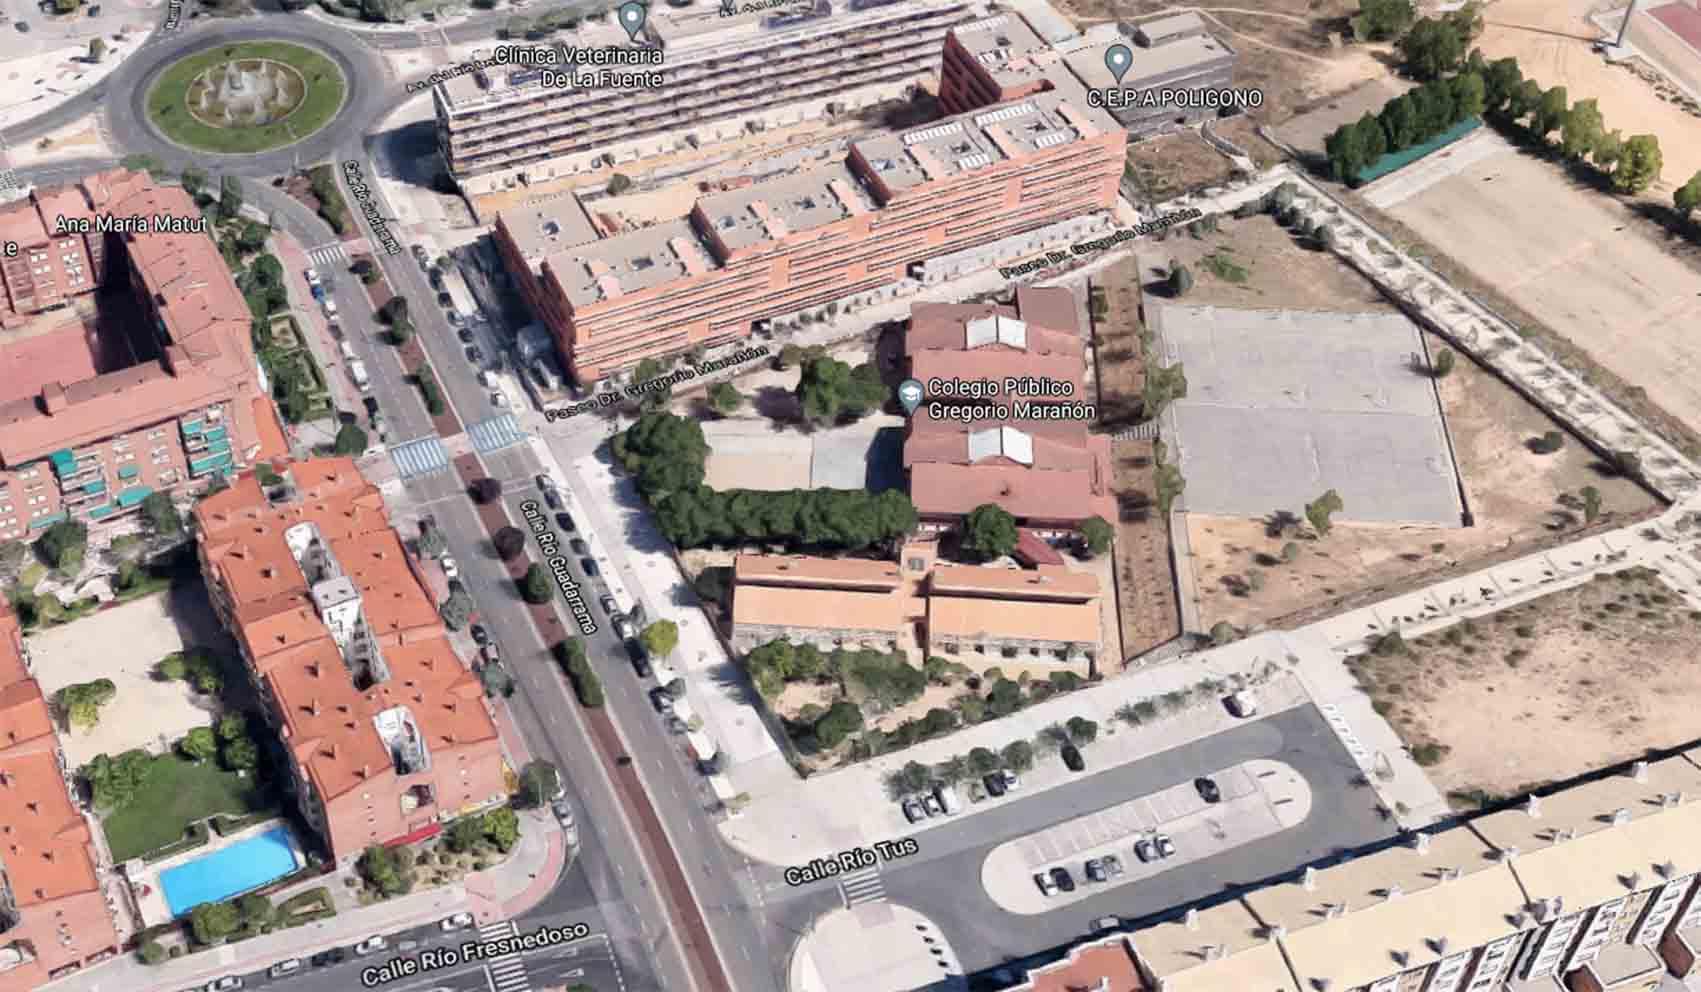 Vista aérea del colegio Gregorio Marañón, en Toledo, donde supuestamente se ha producido una fuga de gas en la cocina.